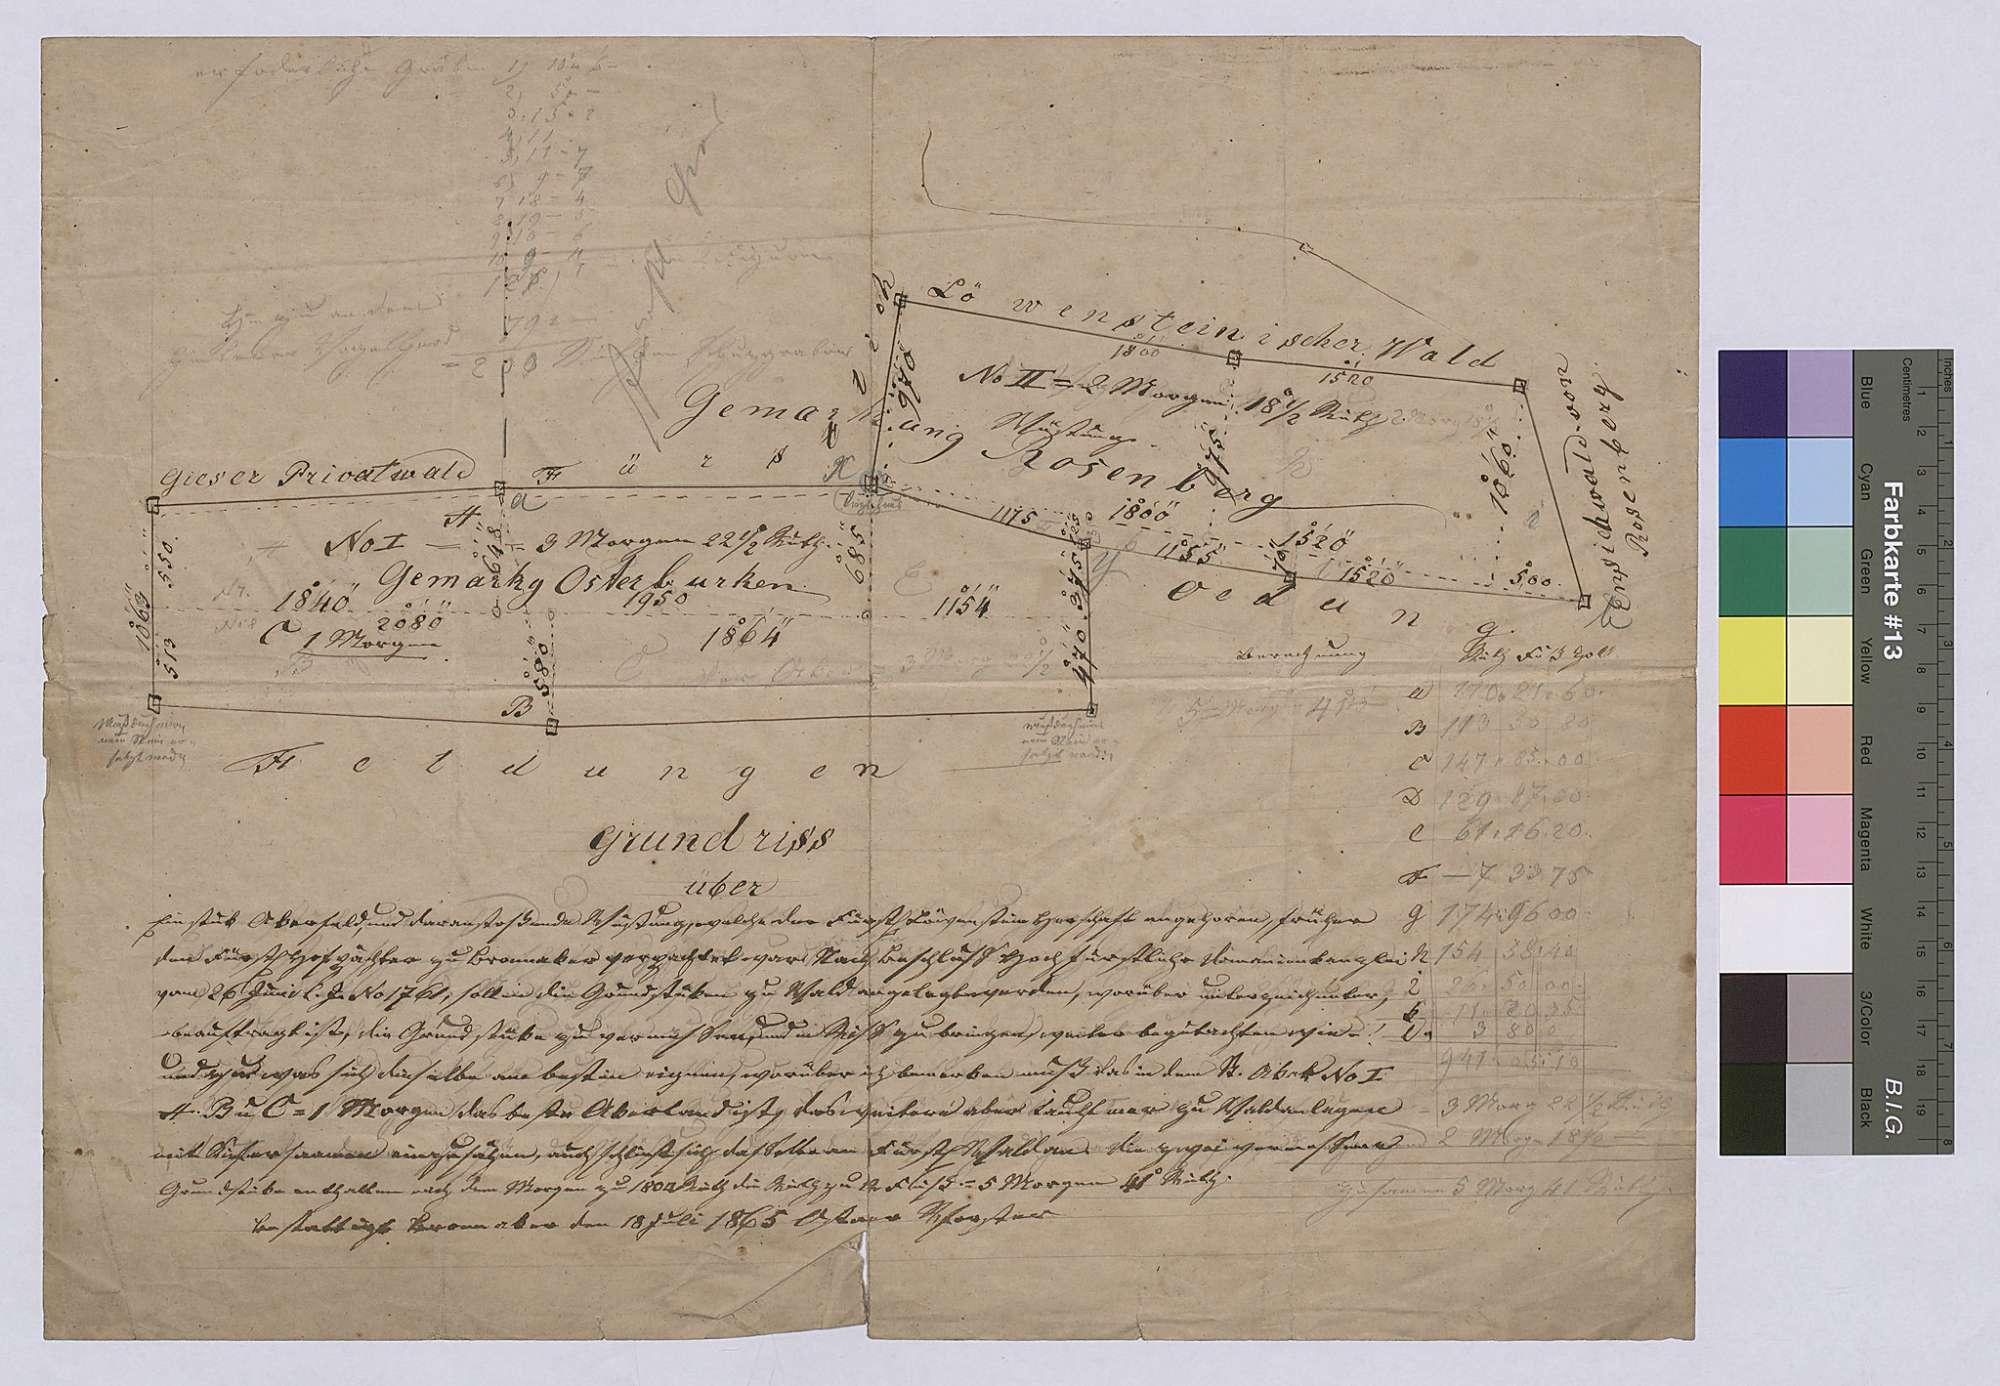 Grundriss über ein Stück Ackerfeld und daranstoßende Wüstung, welche der Herrschaft angehören, früher dem Hofpächter zu Bronnacker verpachtet waren (Situationsplan), Bild 1